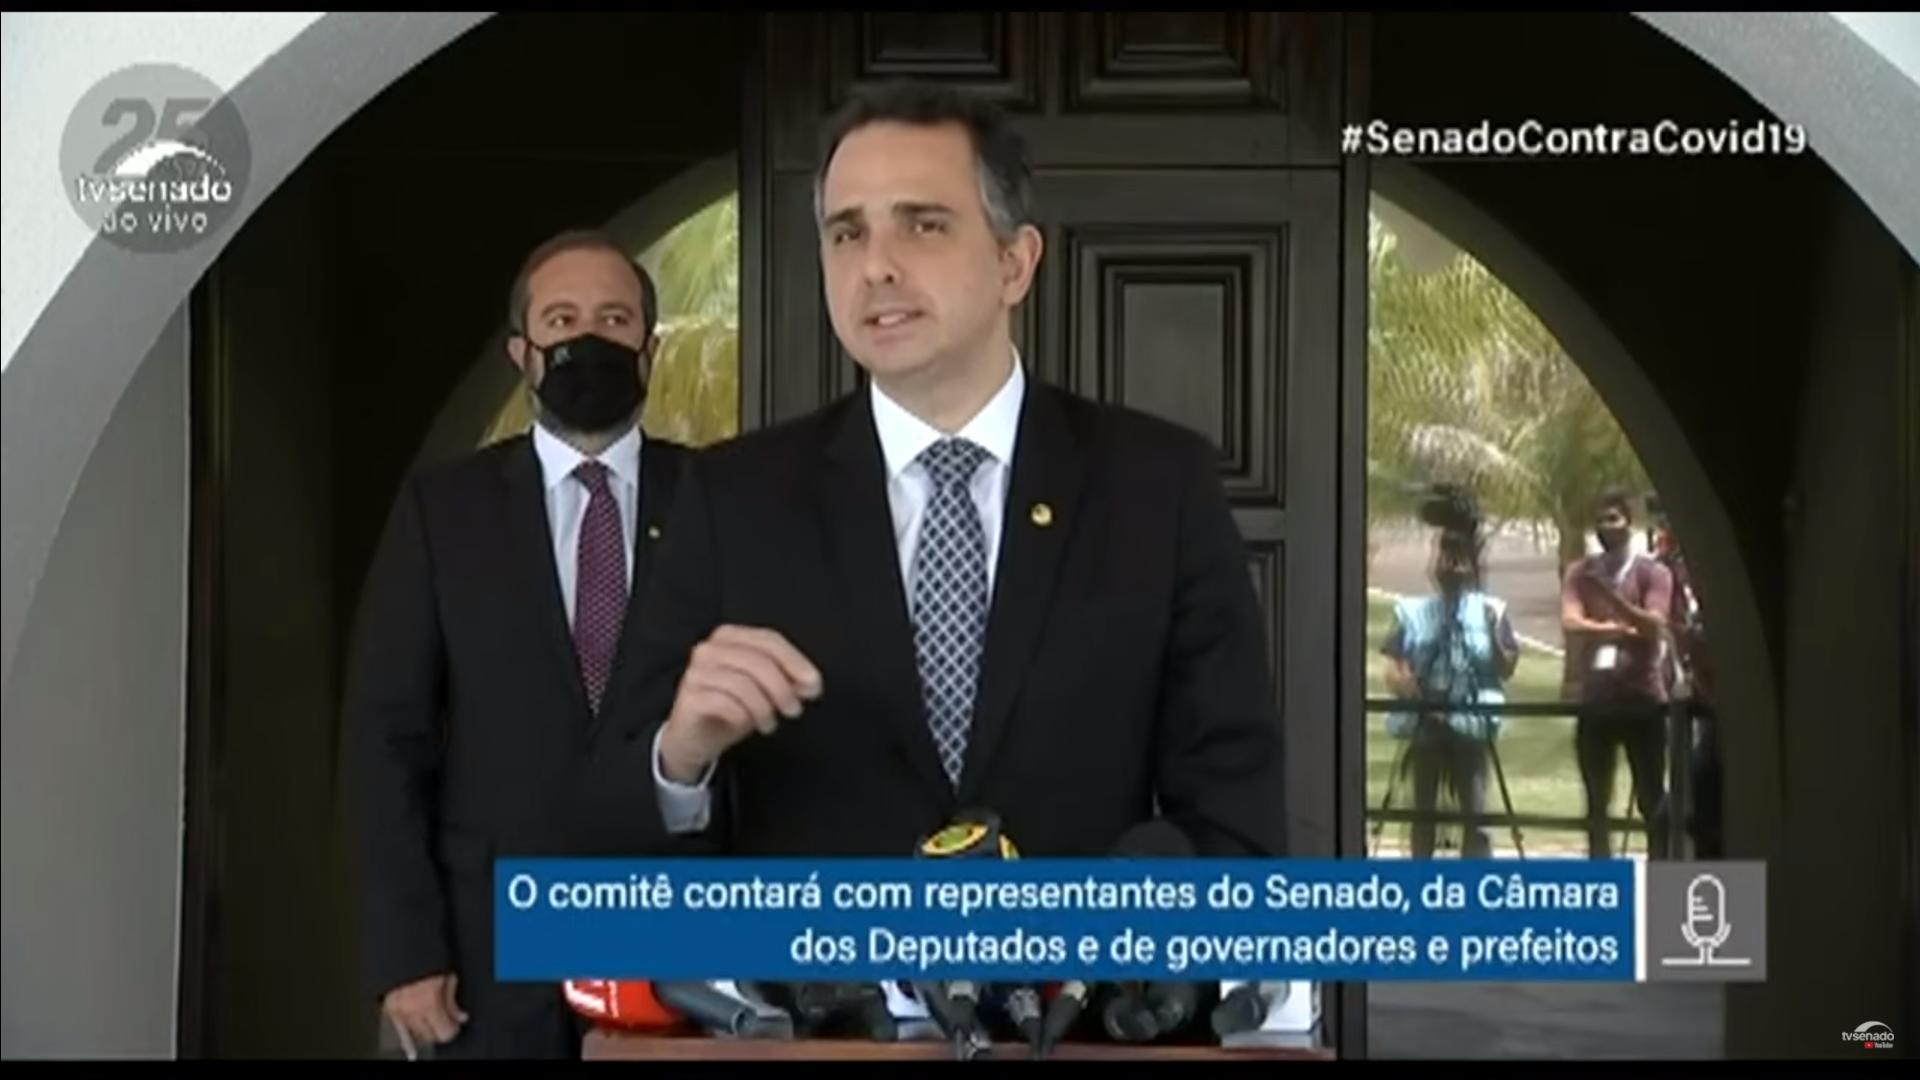 IMAGEM: Pacheco: questão dos remédios do kit intubação precisa ser resolvida 'imediatamente'